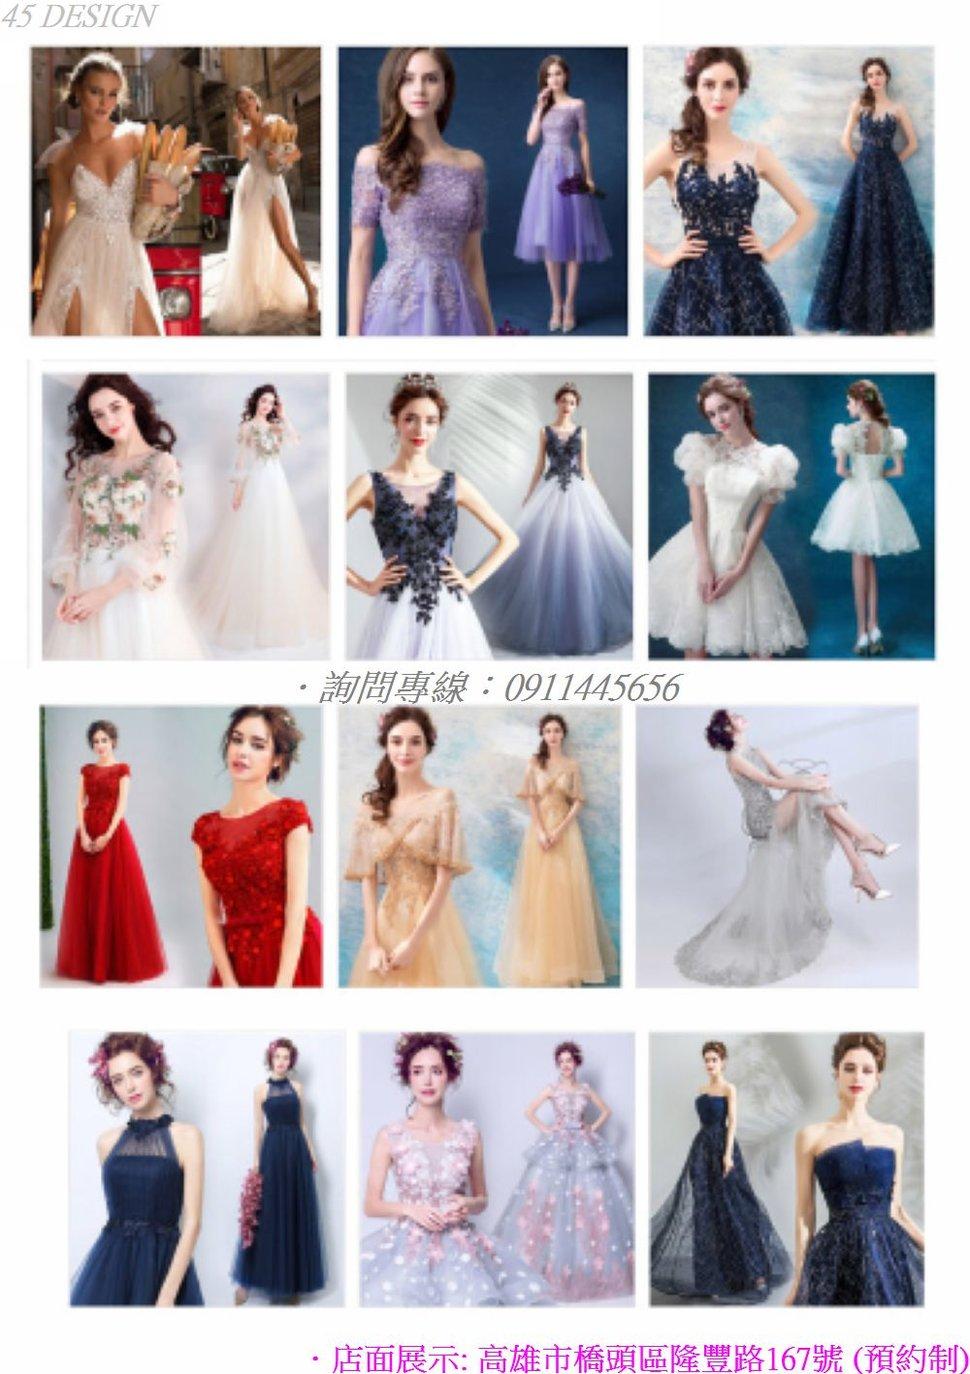 msl190815D772FD5695B04C199A21824B7DE8354B - 全台最便宜-45DESIGN四五婚紗禮服《結婚吧》